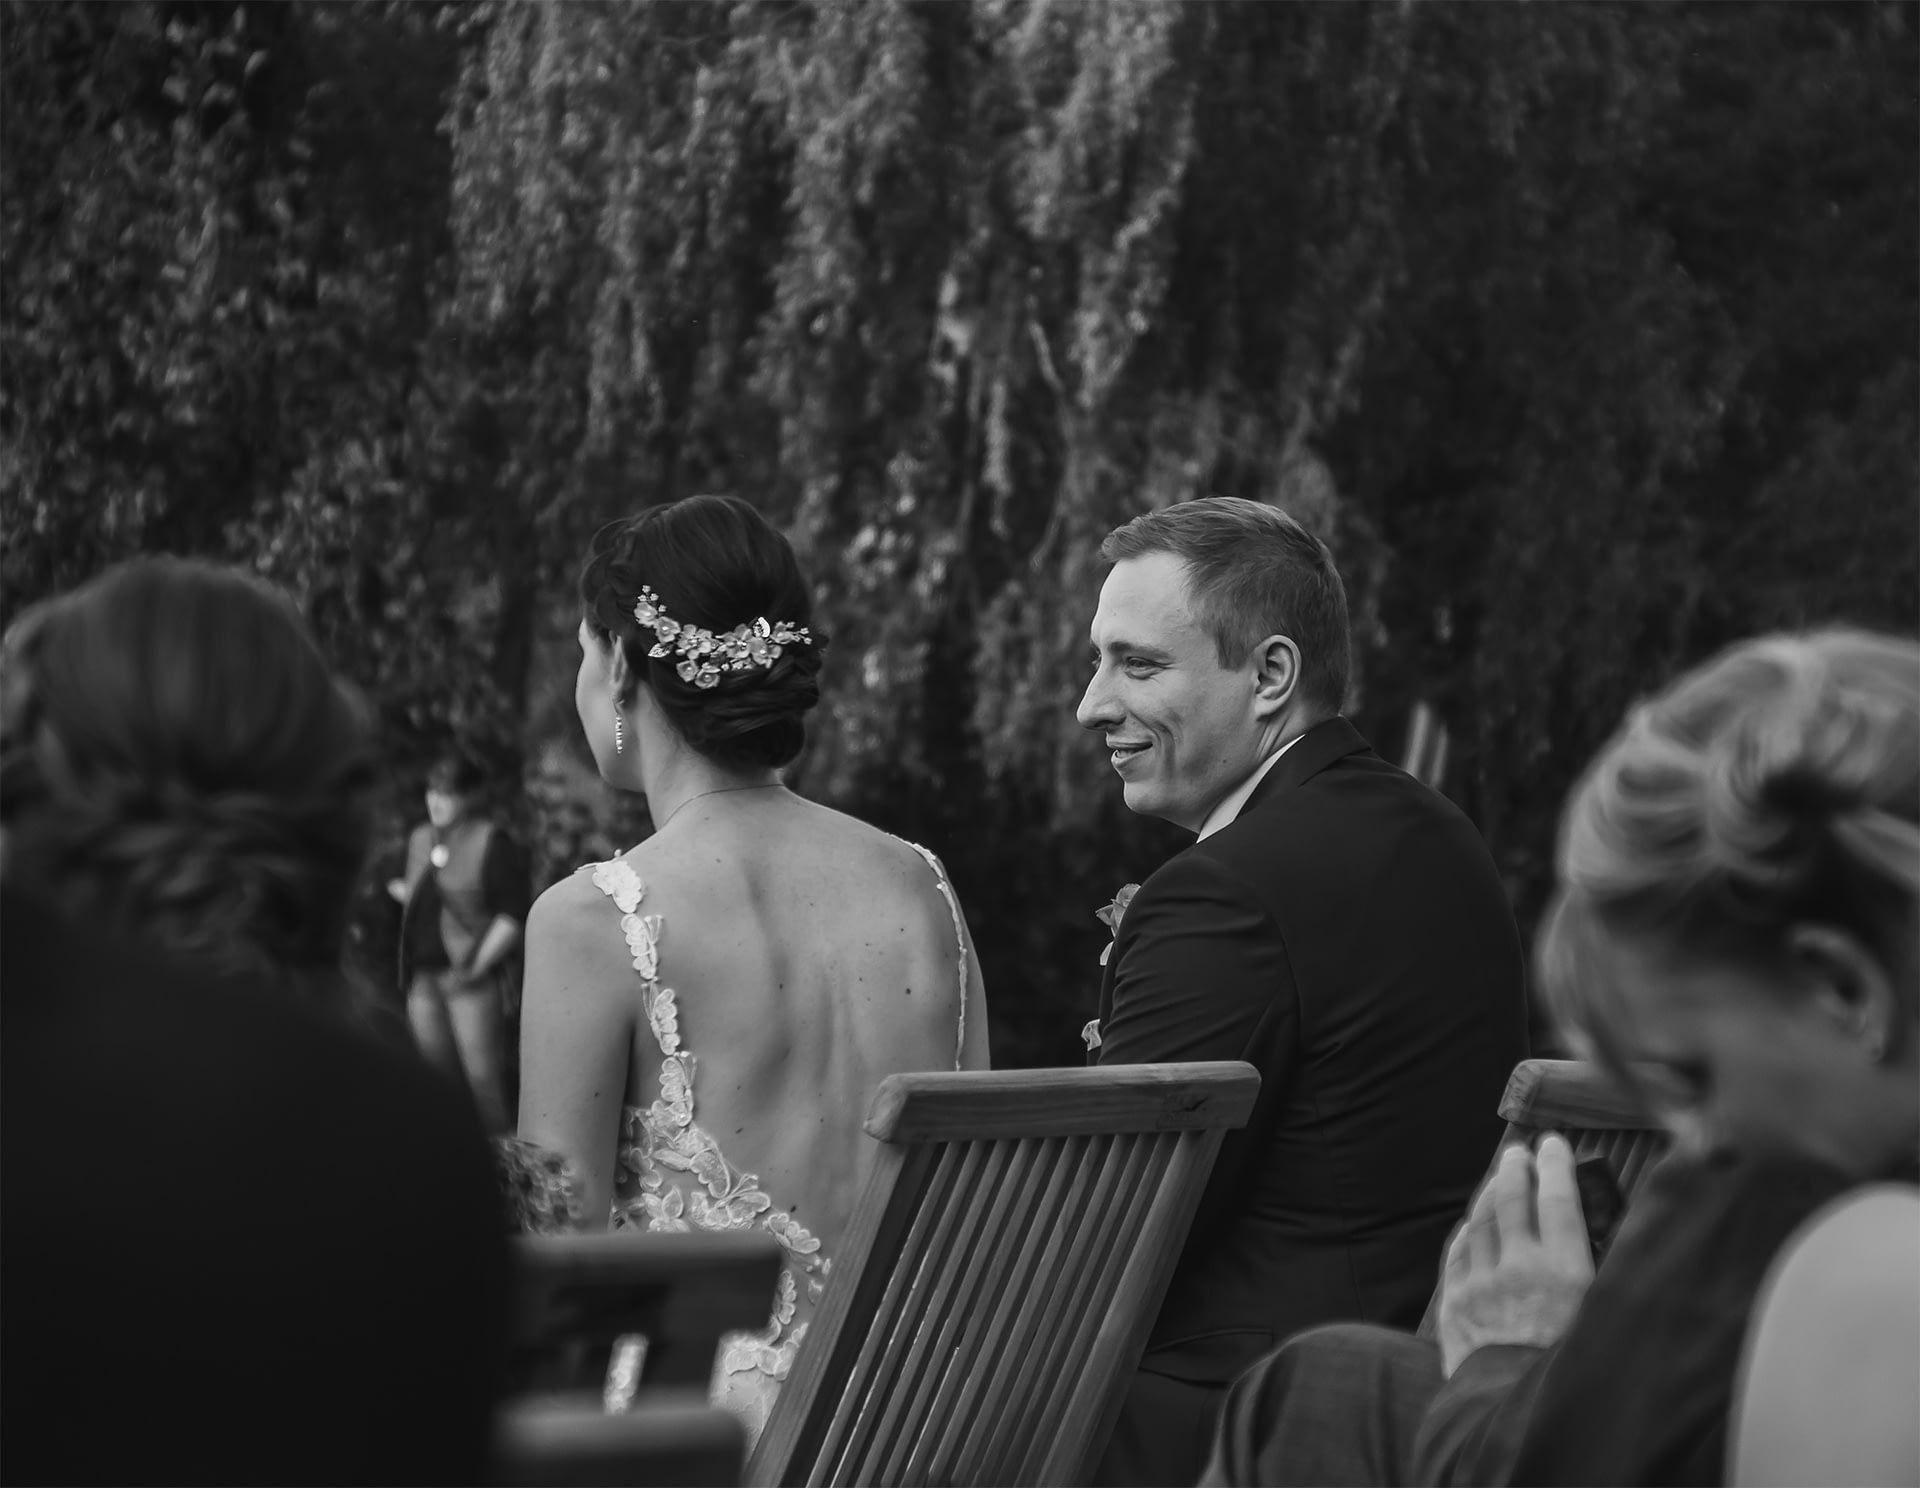 Hochzeitsfotograf Berlin Potsdam Brandenburg - Hochzeitsreportage - Freie Trauung – Brautpaar